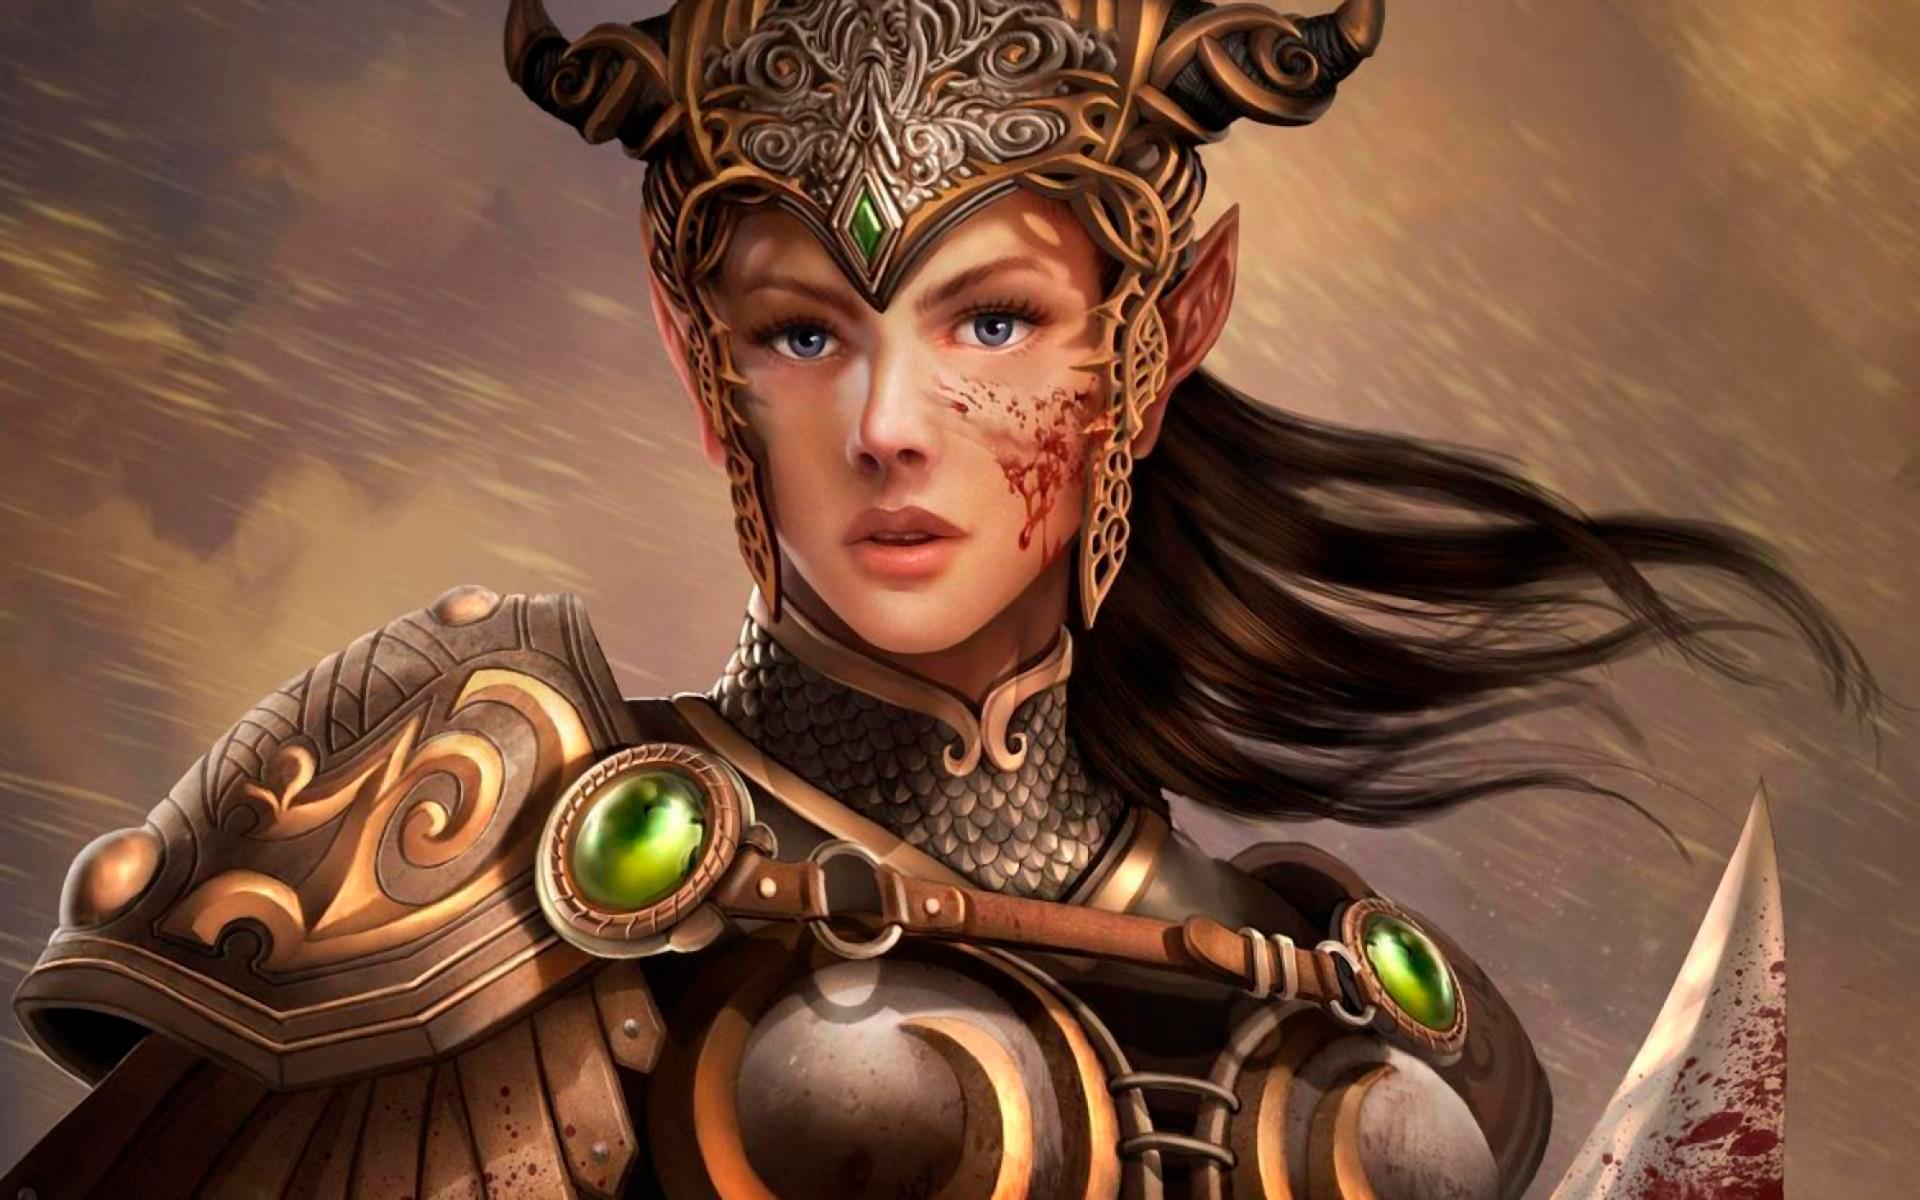 Fantasy – Women Warrior Fantasy Elf Woman Warrior Armor Sword Wallpaper